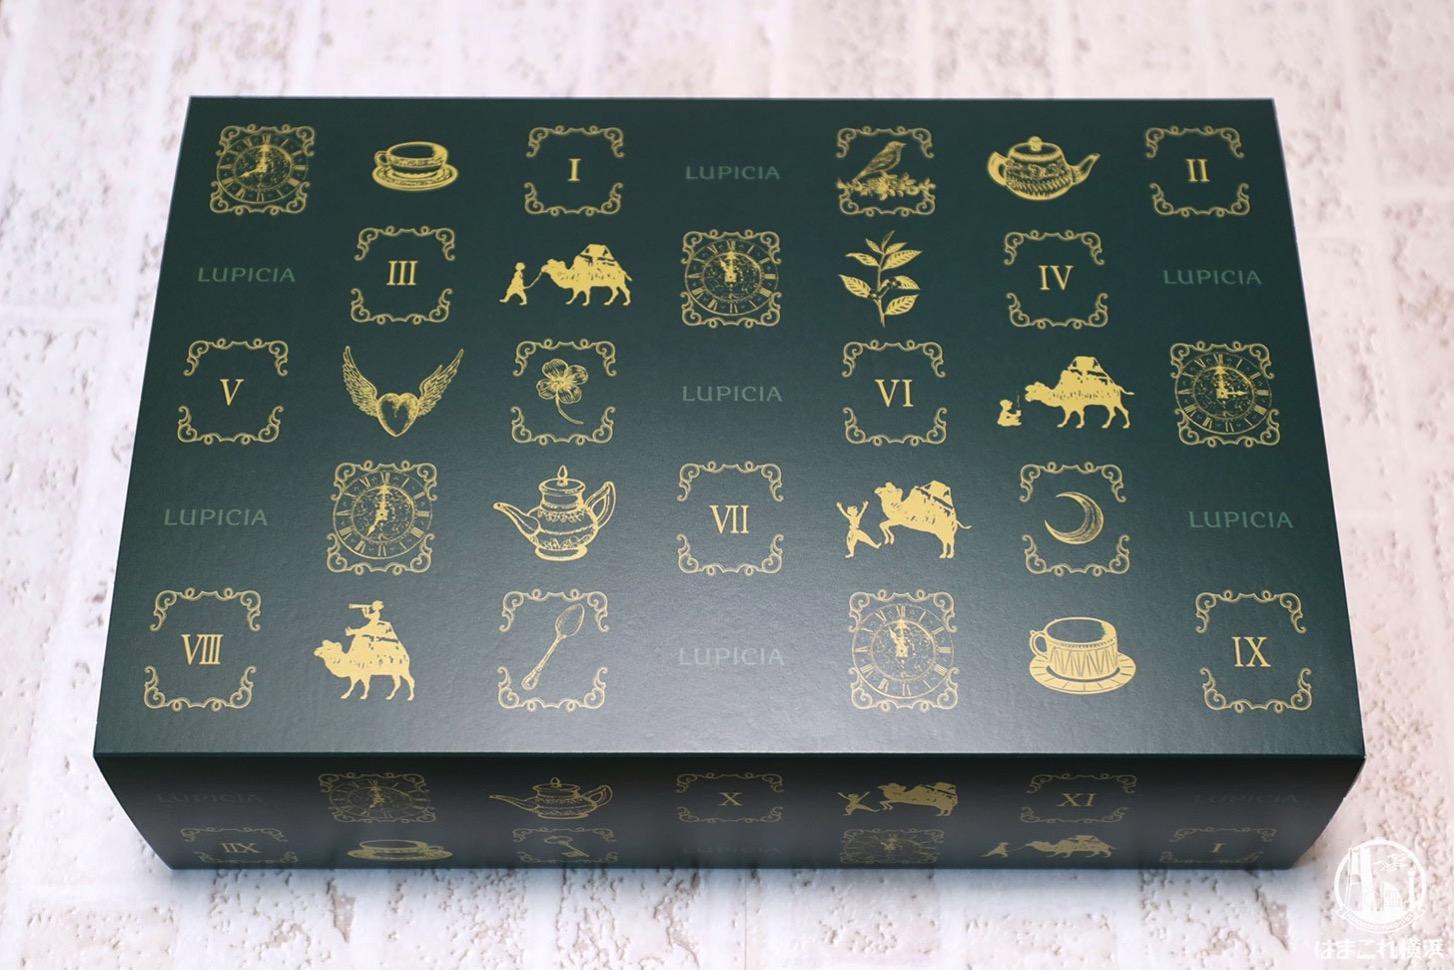 ルピシア「ティーバッグセット100種」スリーブ包装